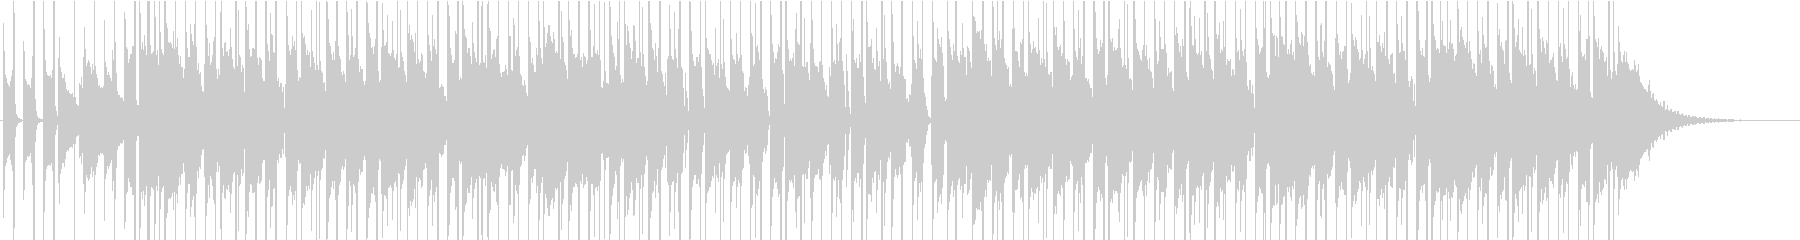 インスタ/夏/ギター/サーフミュージックの未再生の波形